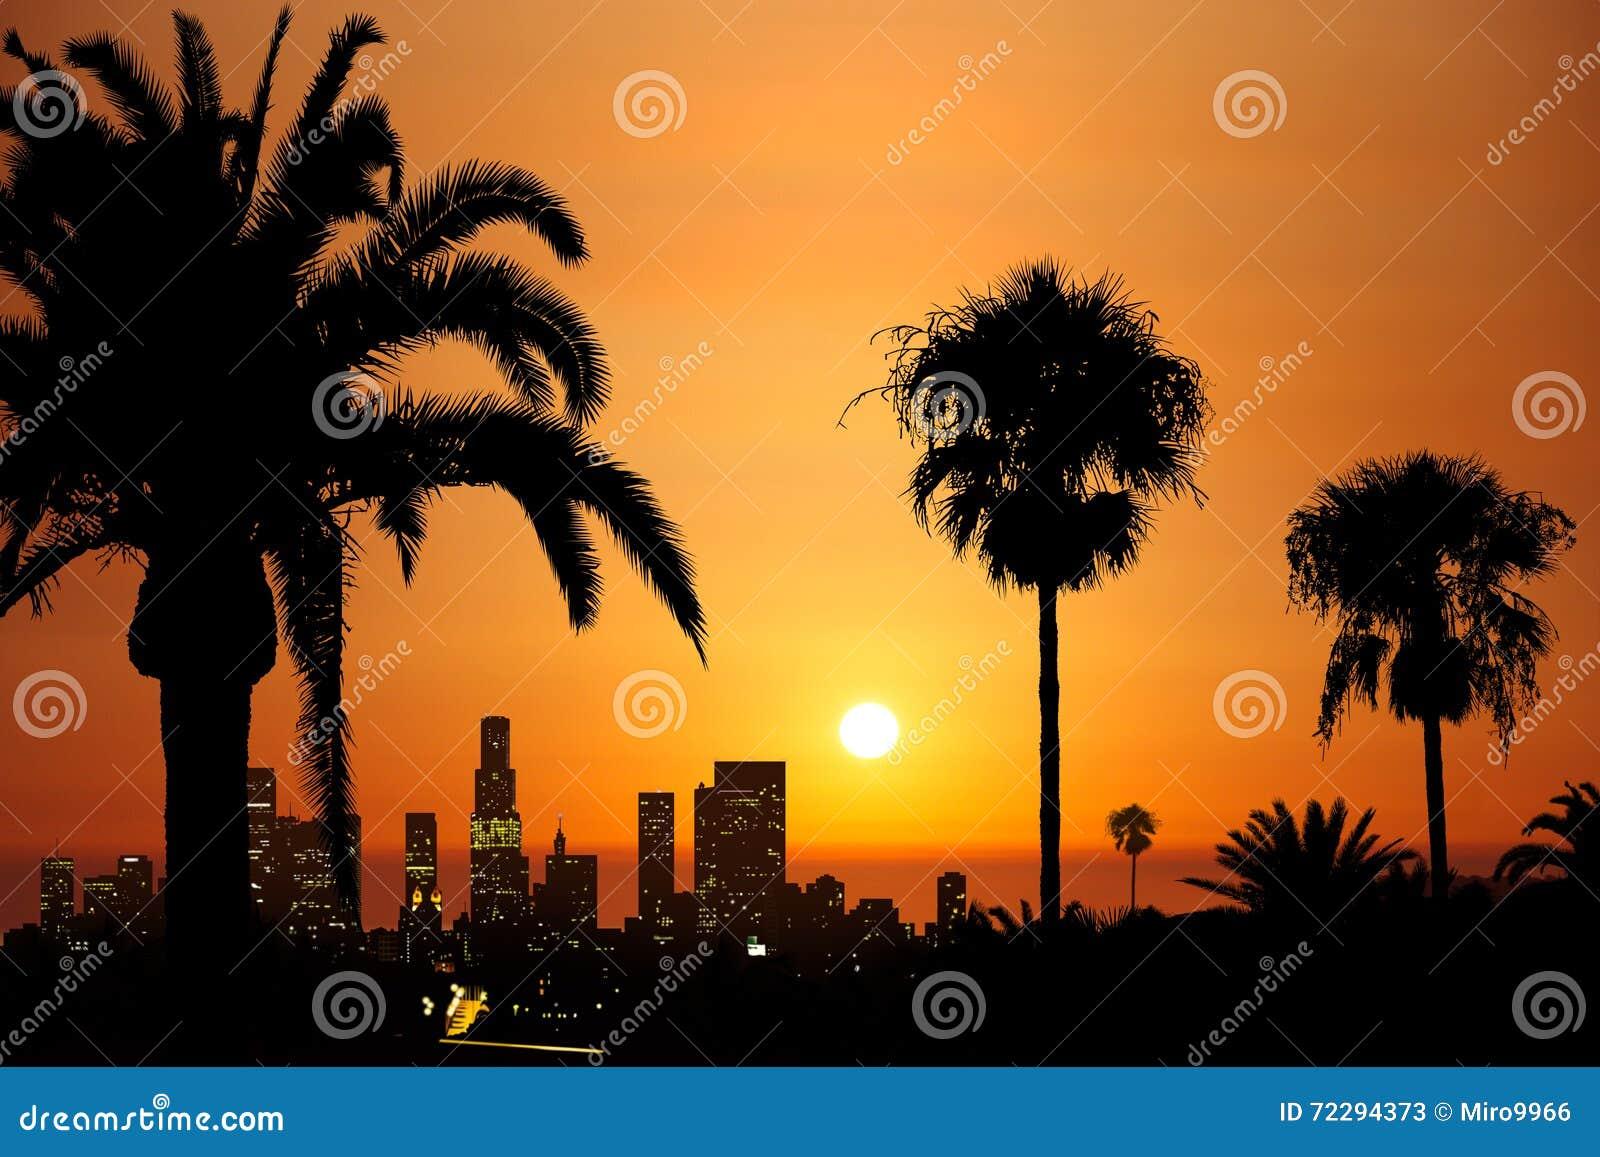 Download Городской заход солнца иллюстрация штока. иллюстрации насчитывающей золотисто - 72294373